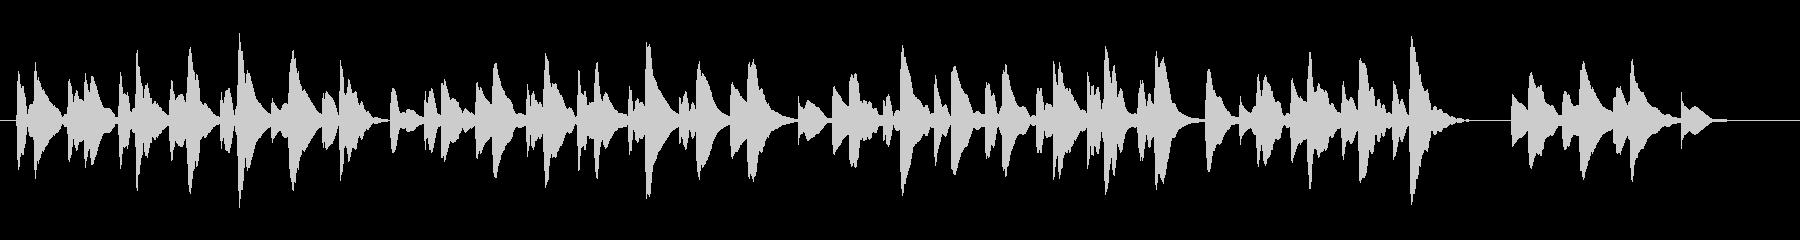 ◆卒業BGM。木琴で仰げば尊しカバー!の未再生の波形